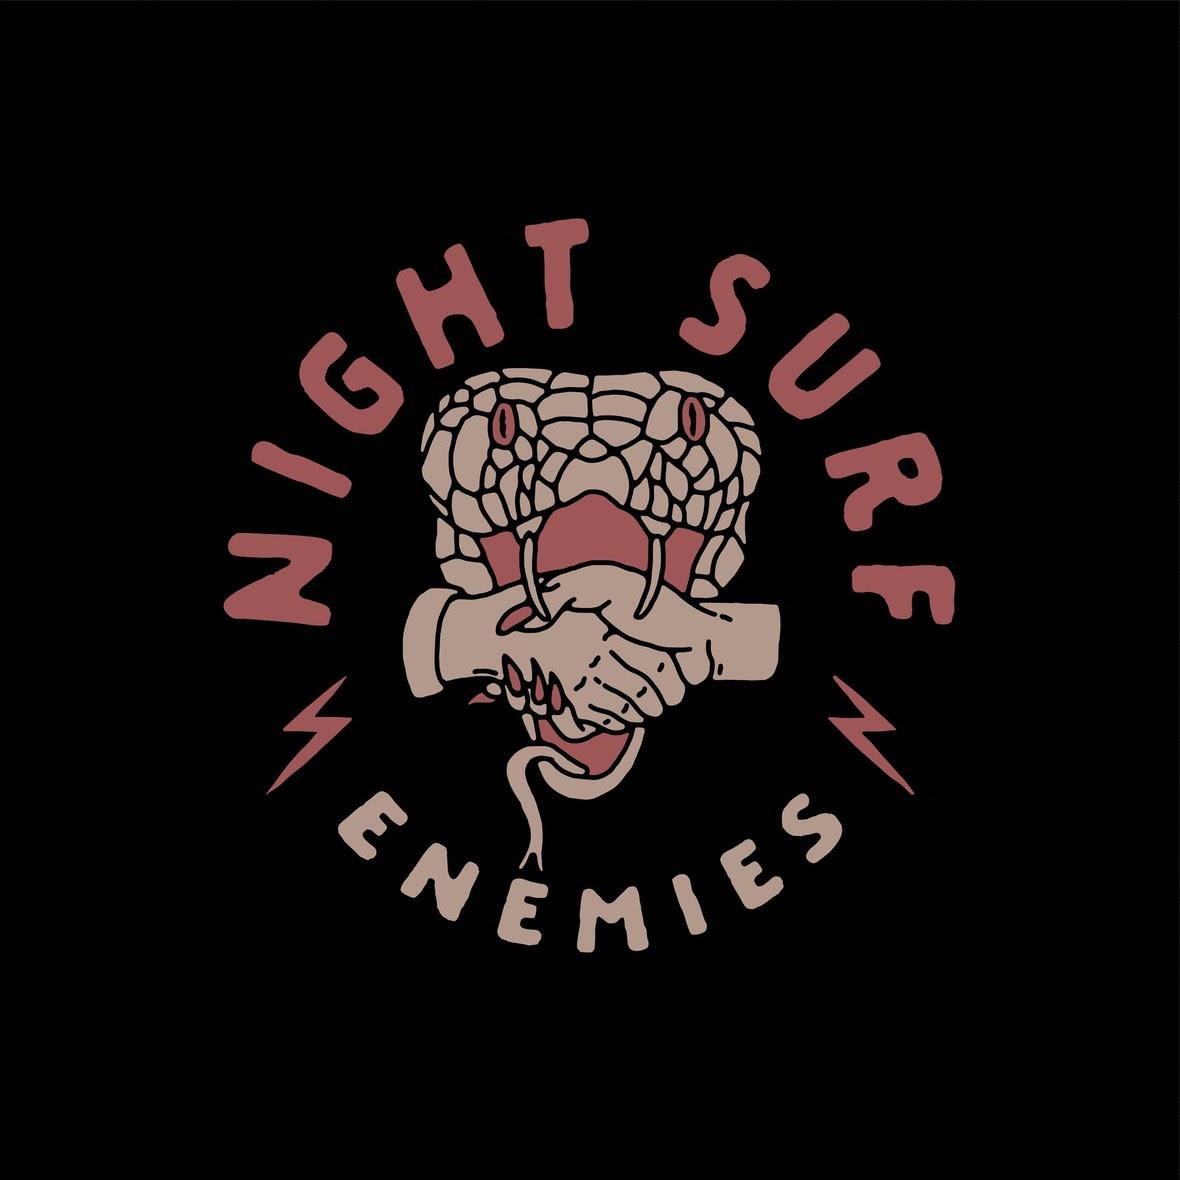 night surf enemies